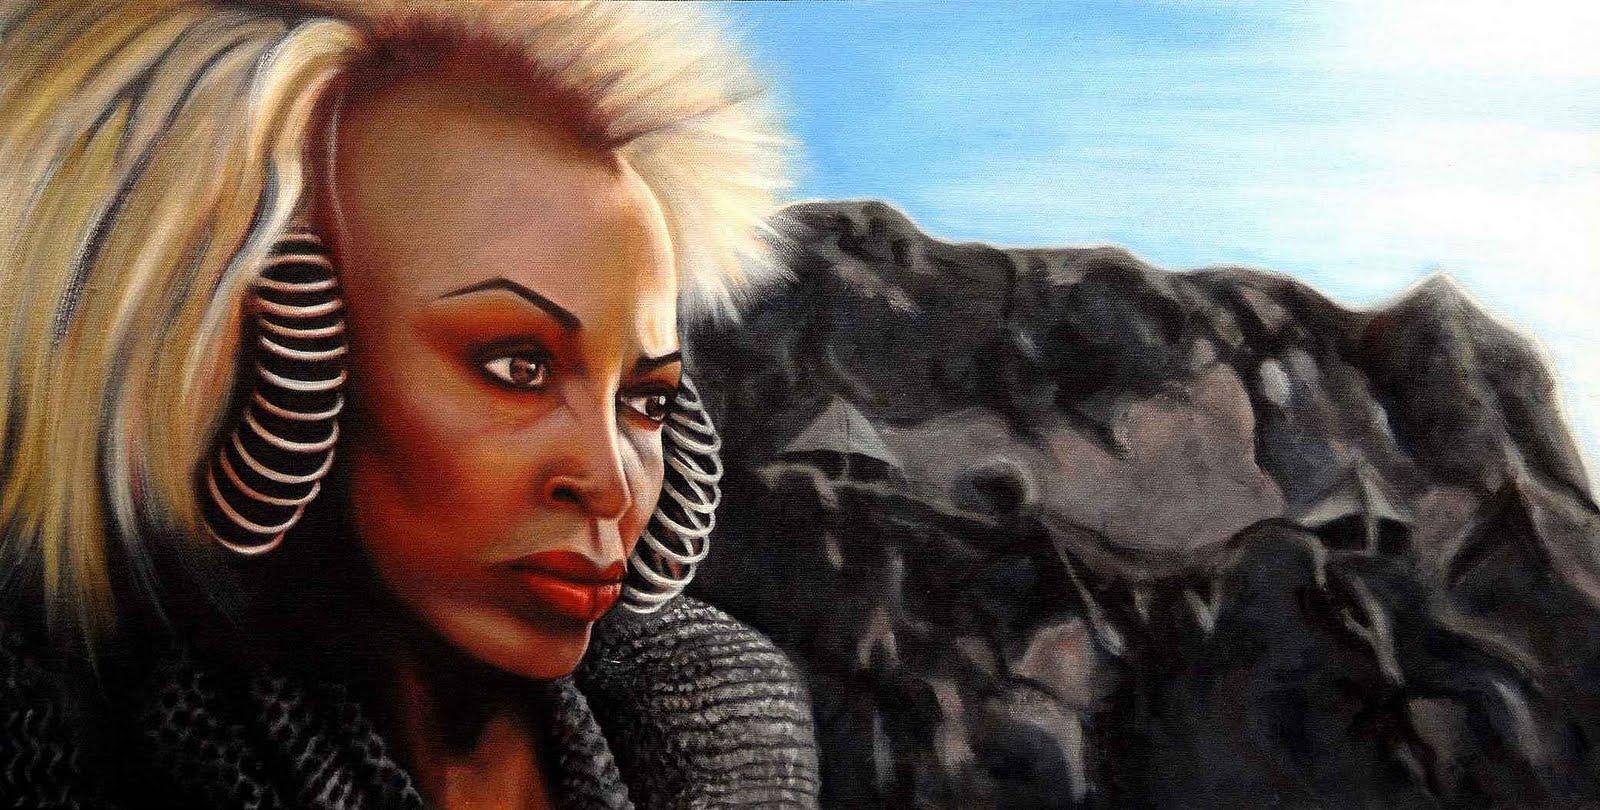 http://3.bp.blogspot.com/_FjSn4Jl8SR0/TB5EkNguVUI/AAAAAAABROI/qZIFnqDYATQ/s1600/Tina+Turner158-748017.jpg